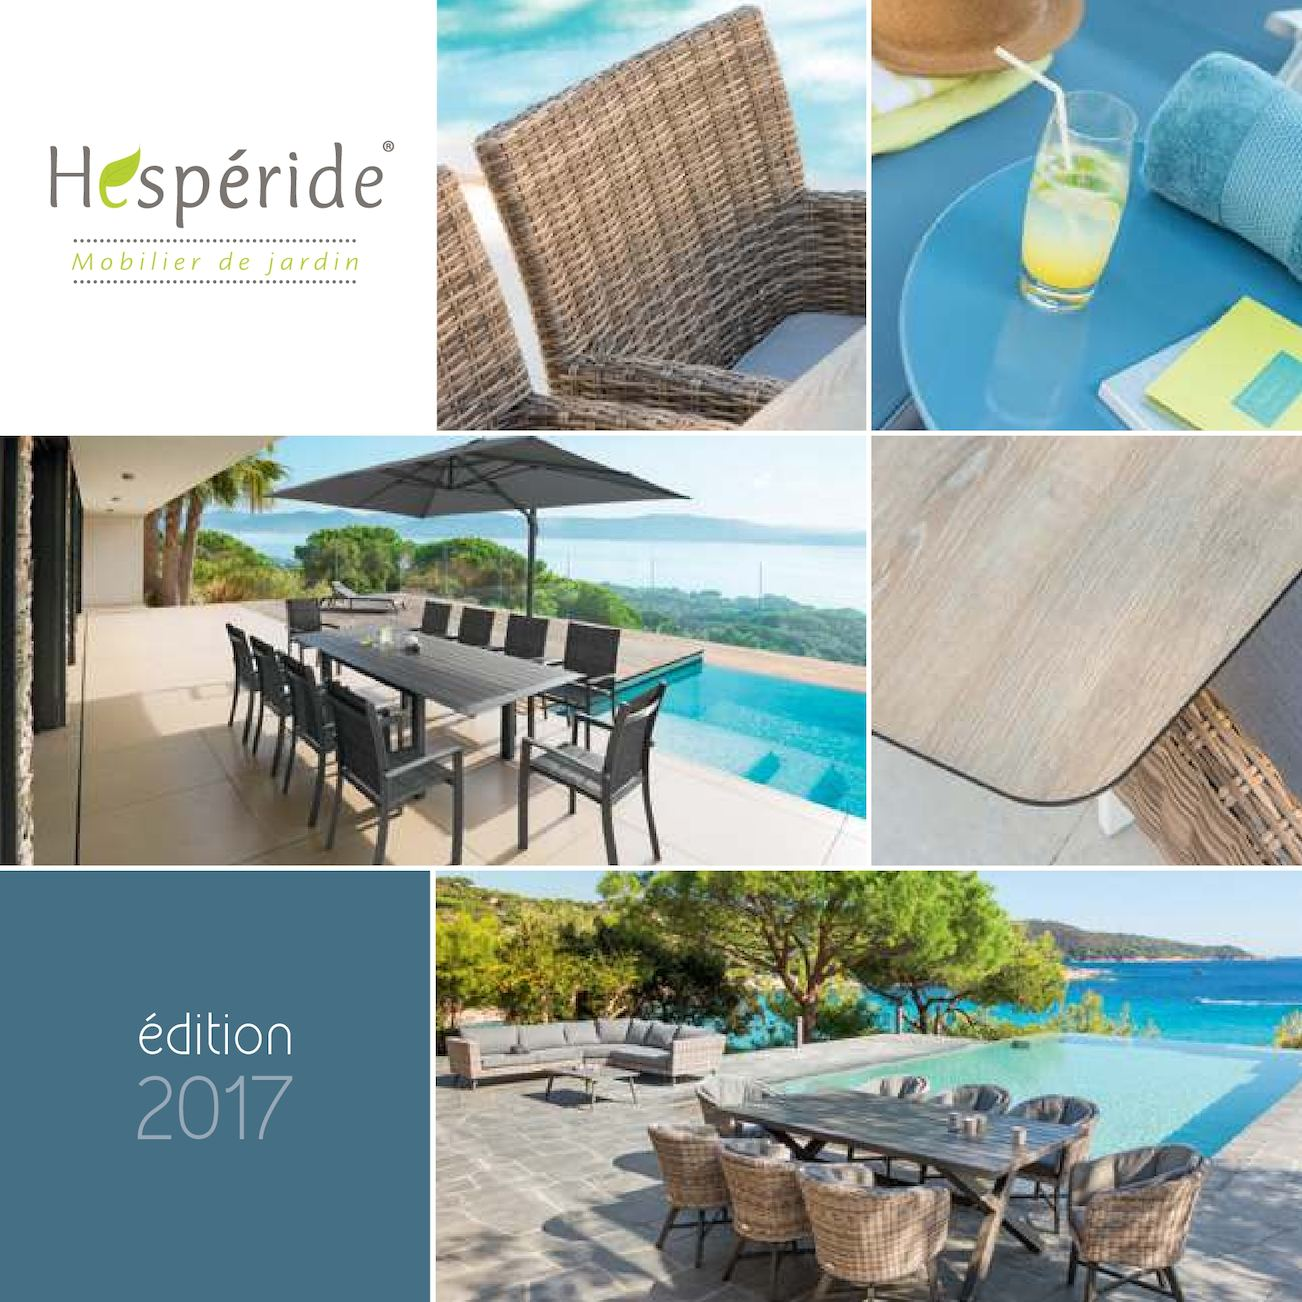 Calaméo - HESPERIDE 2017